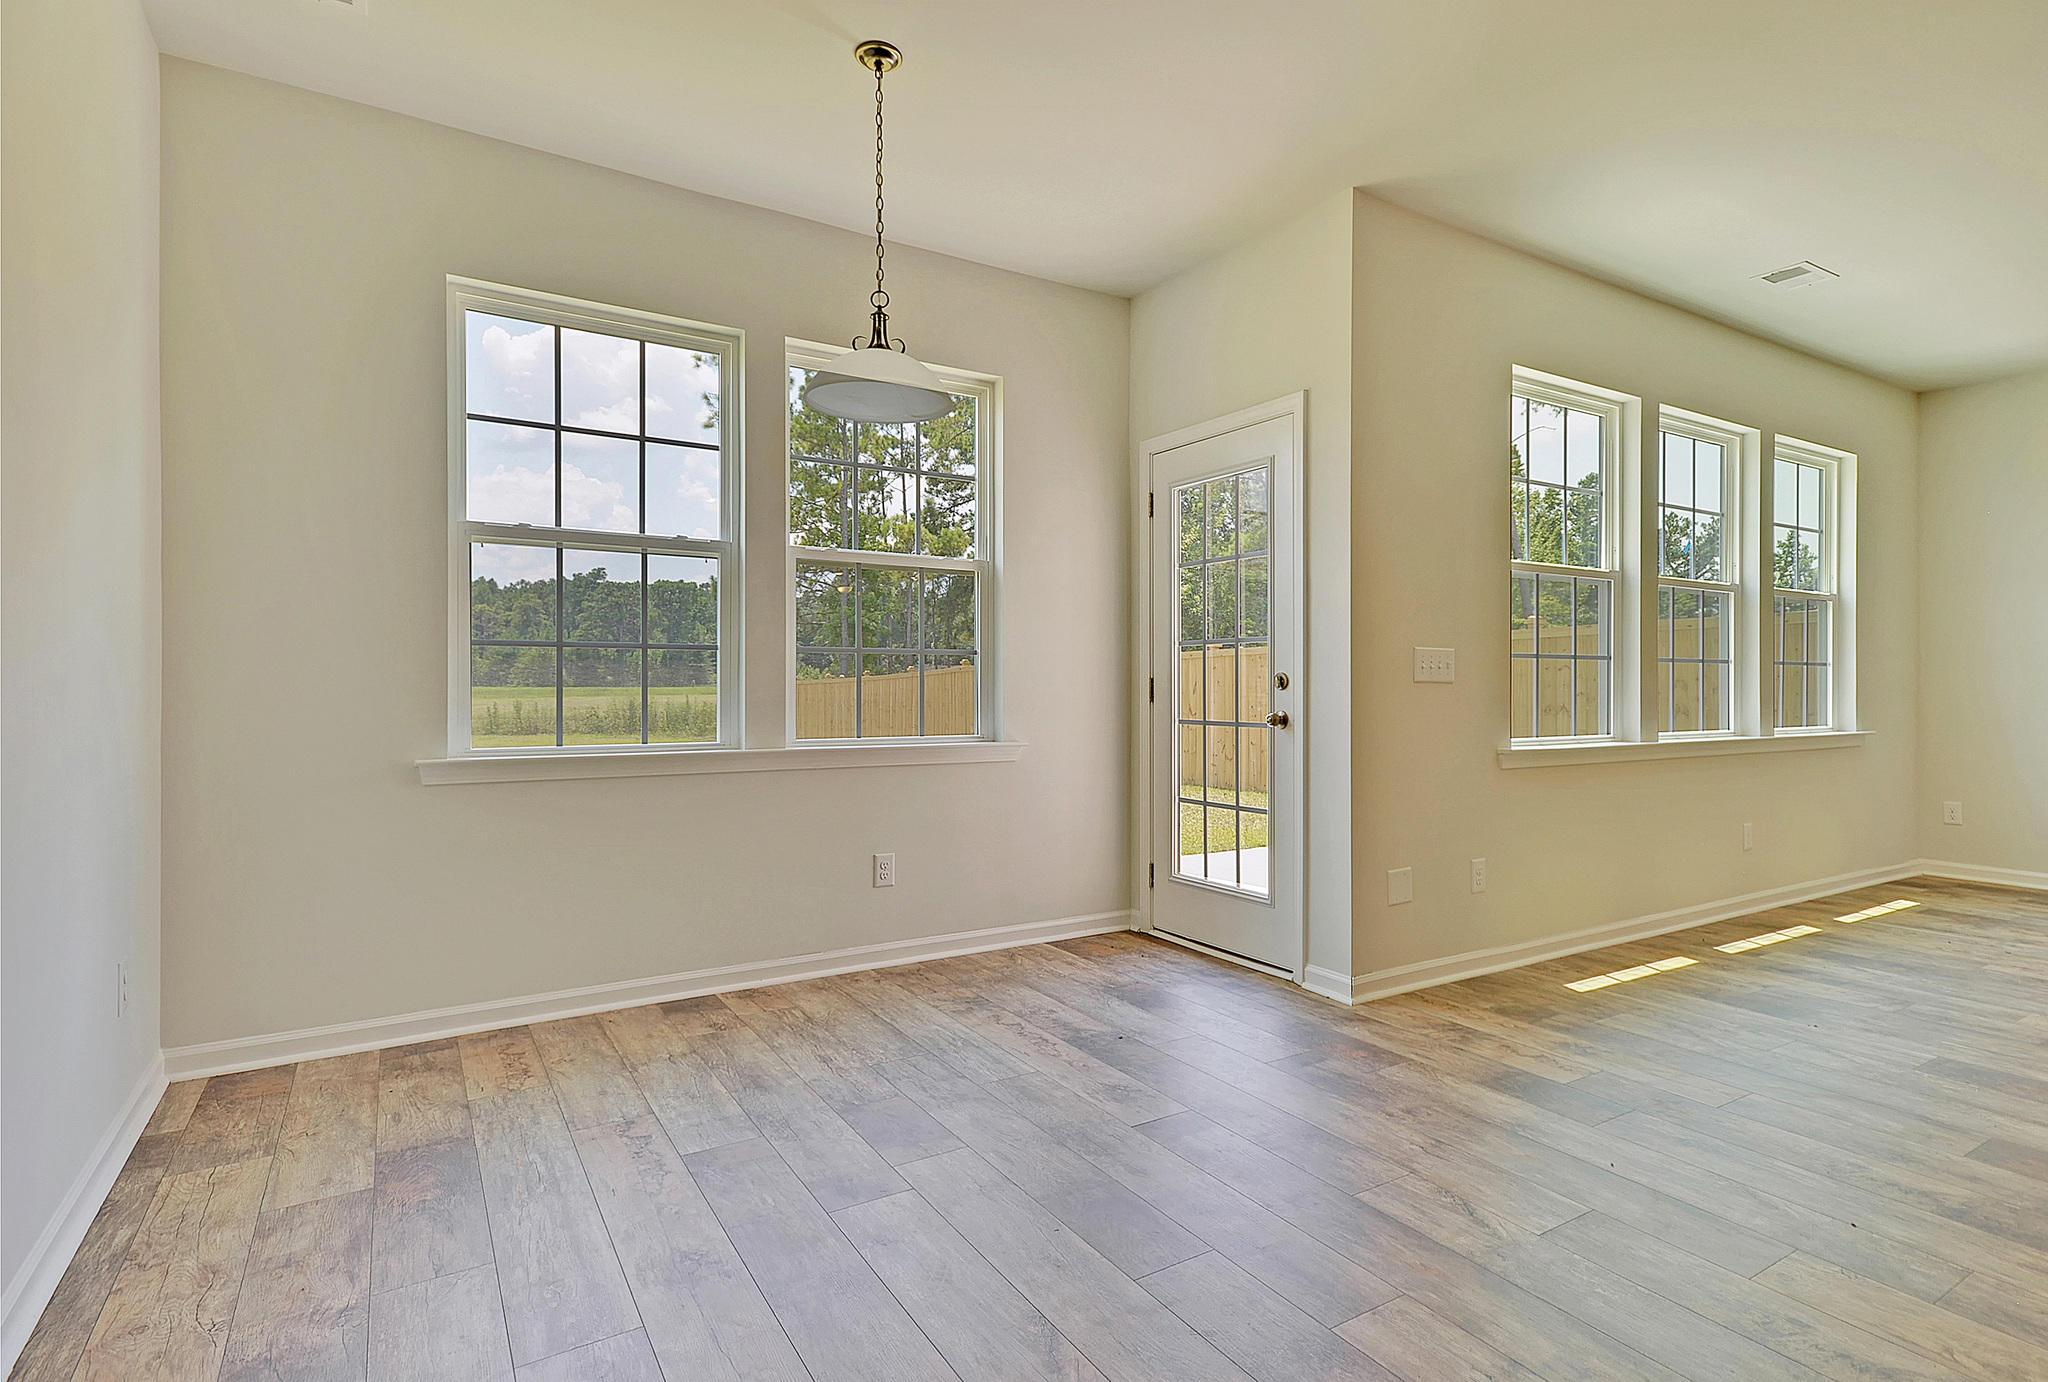 Park West Homes For Sale - 3049 Caspian, Mount Pleasant, SC - 9